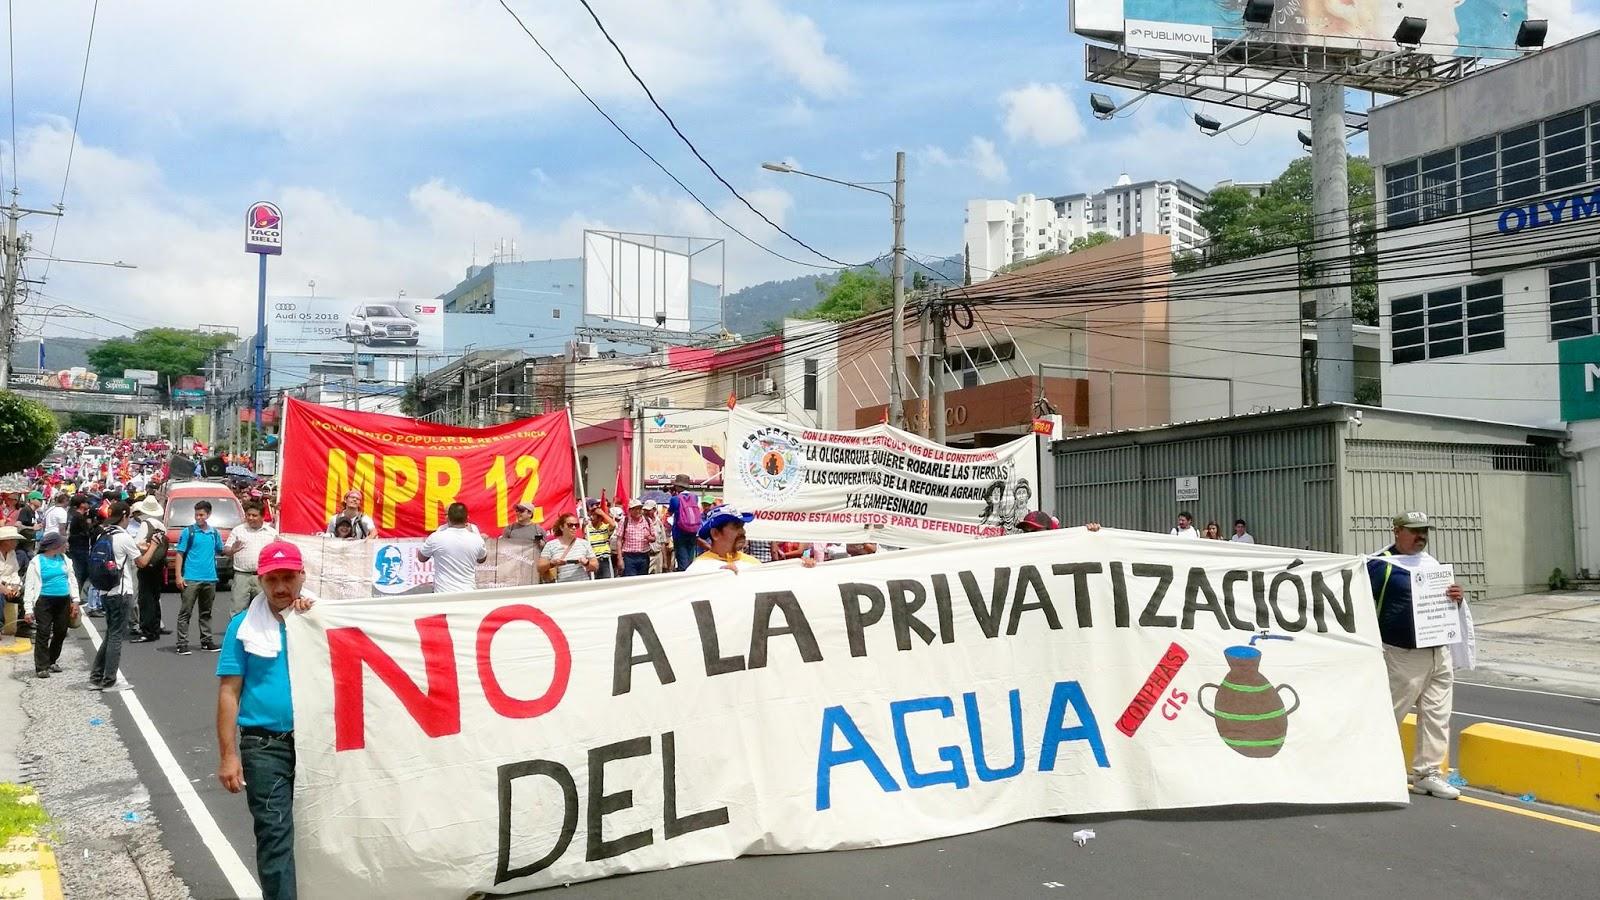 La movilización social por el agua en la Cuenca de México. Una perspectiva desde las organizaciones sociales